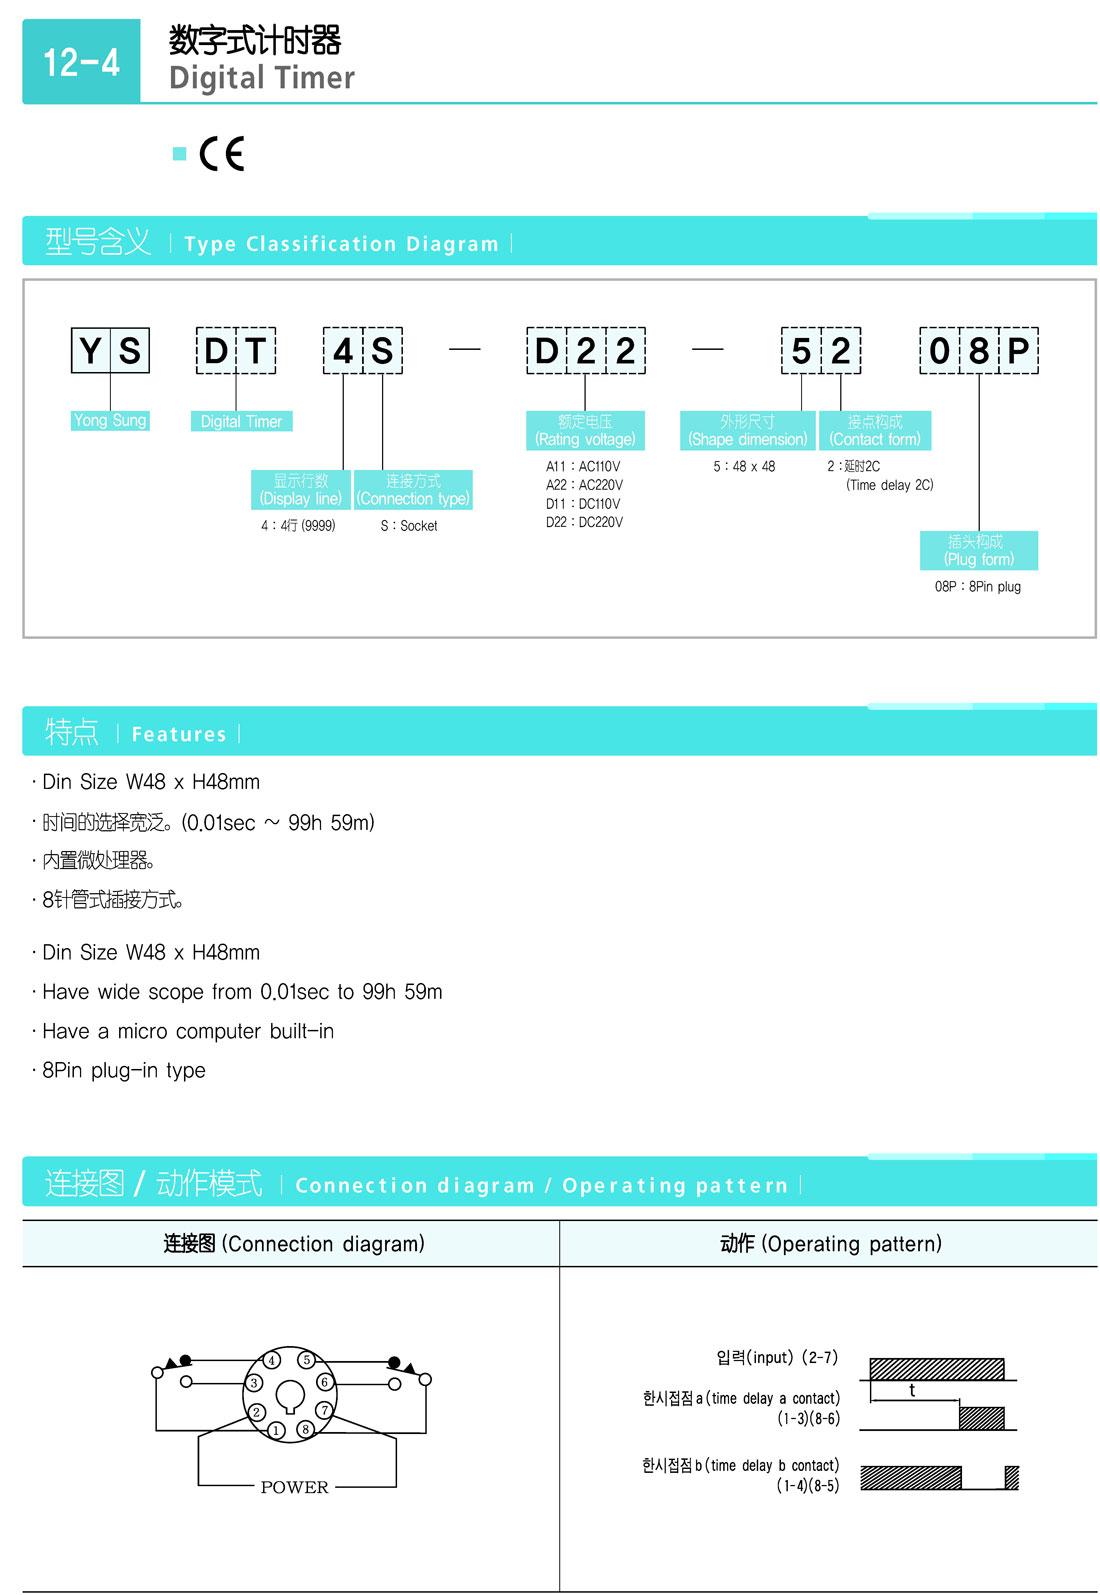 计时器YSDT4S-D2252-08P 5W